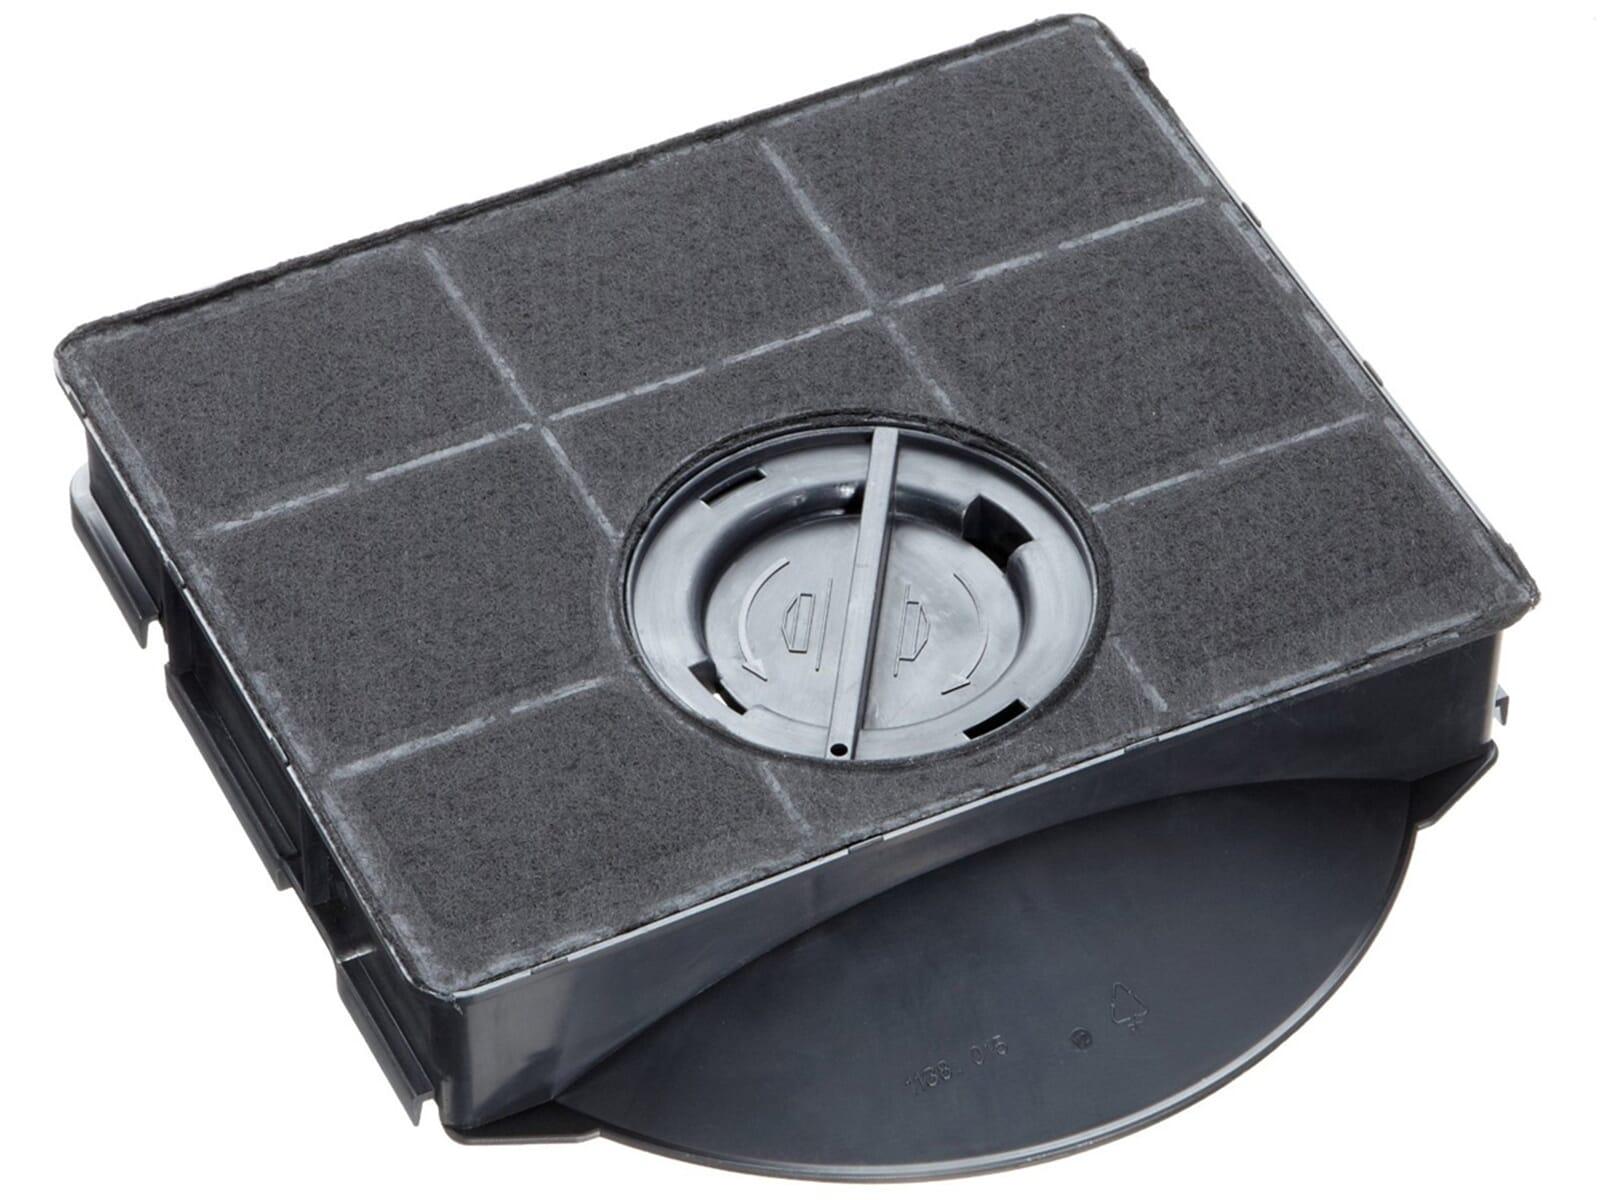 aeg kf303 aktivkohlefilter kohlefilter zubeh r flachschirmhauben df4160ml umluft ebay. Black Bedroom Furniture Sets. Home Design Ideas